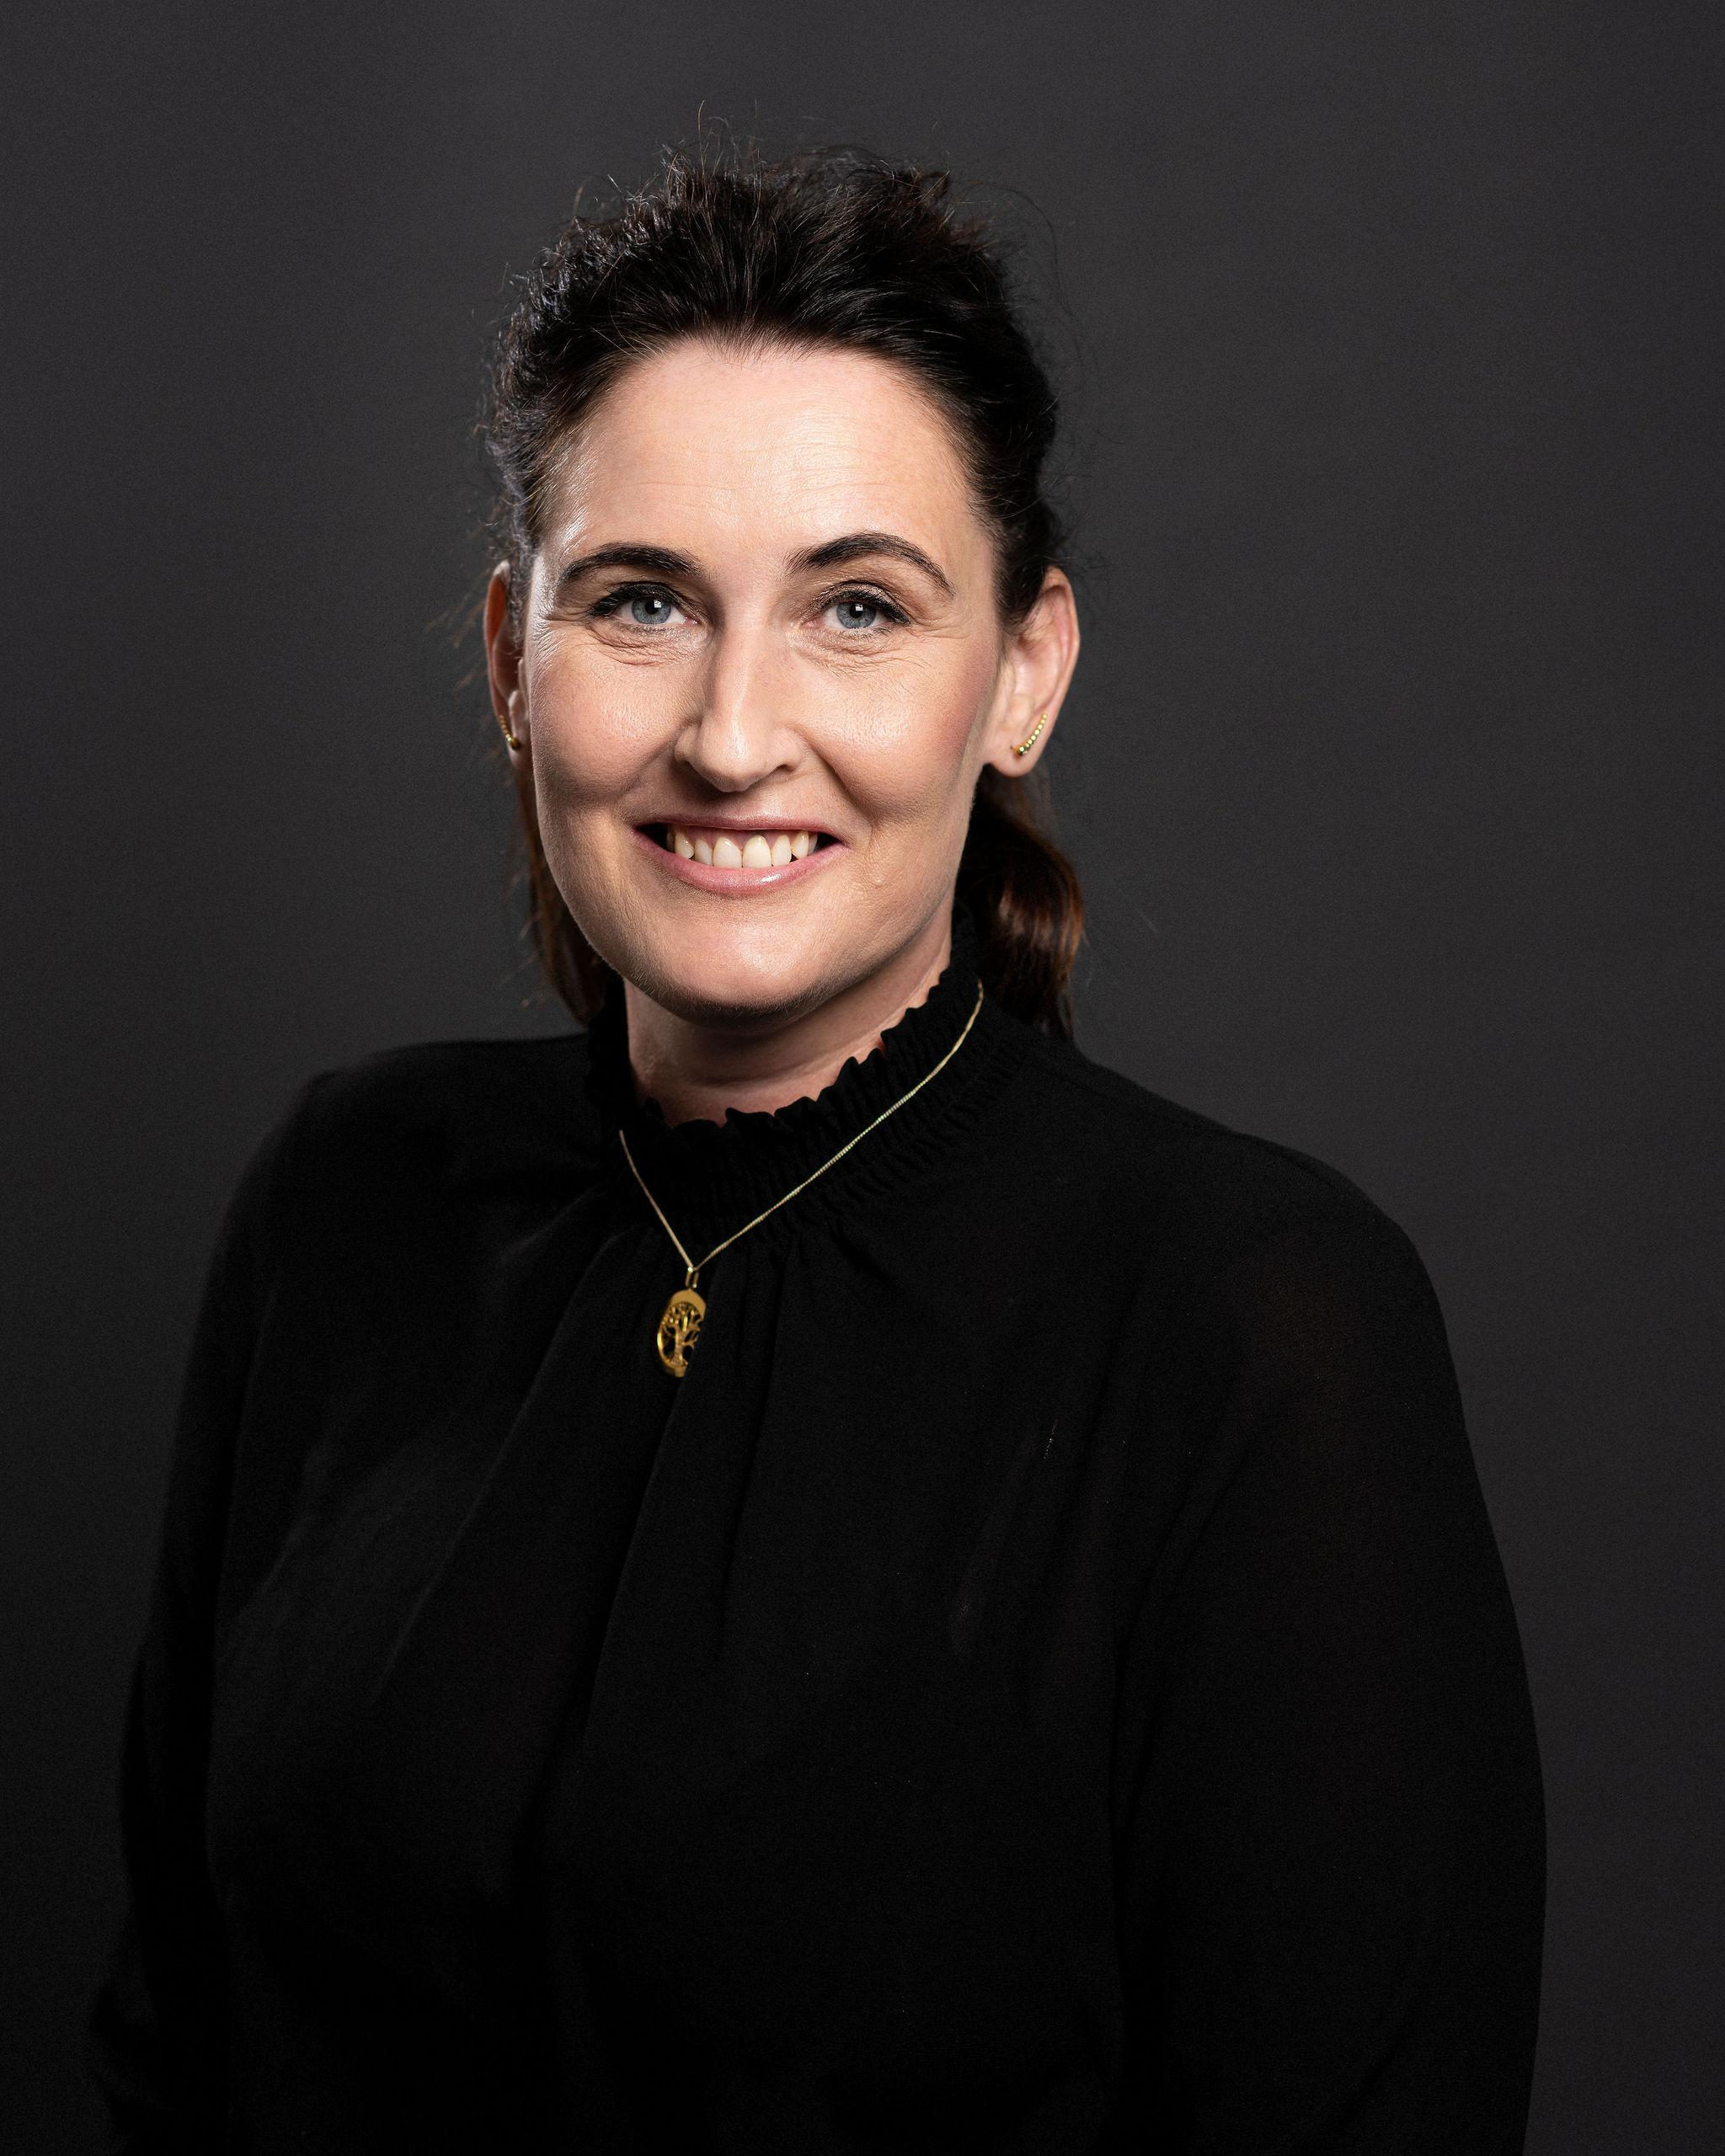 Diana Jørgensen